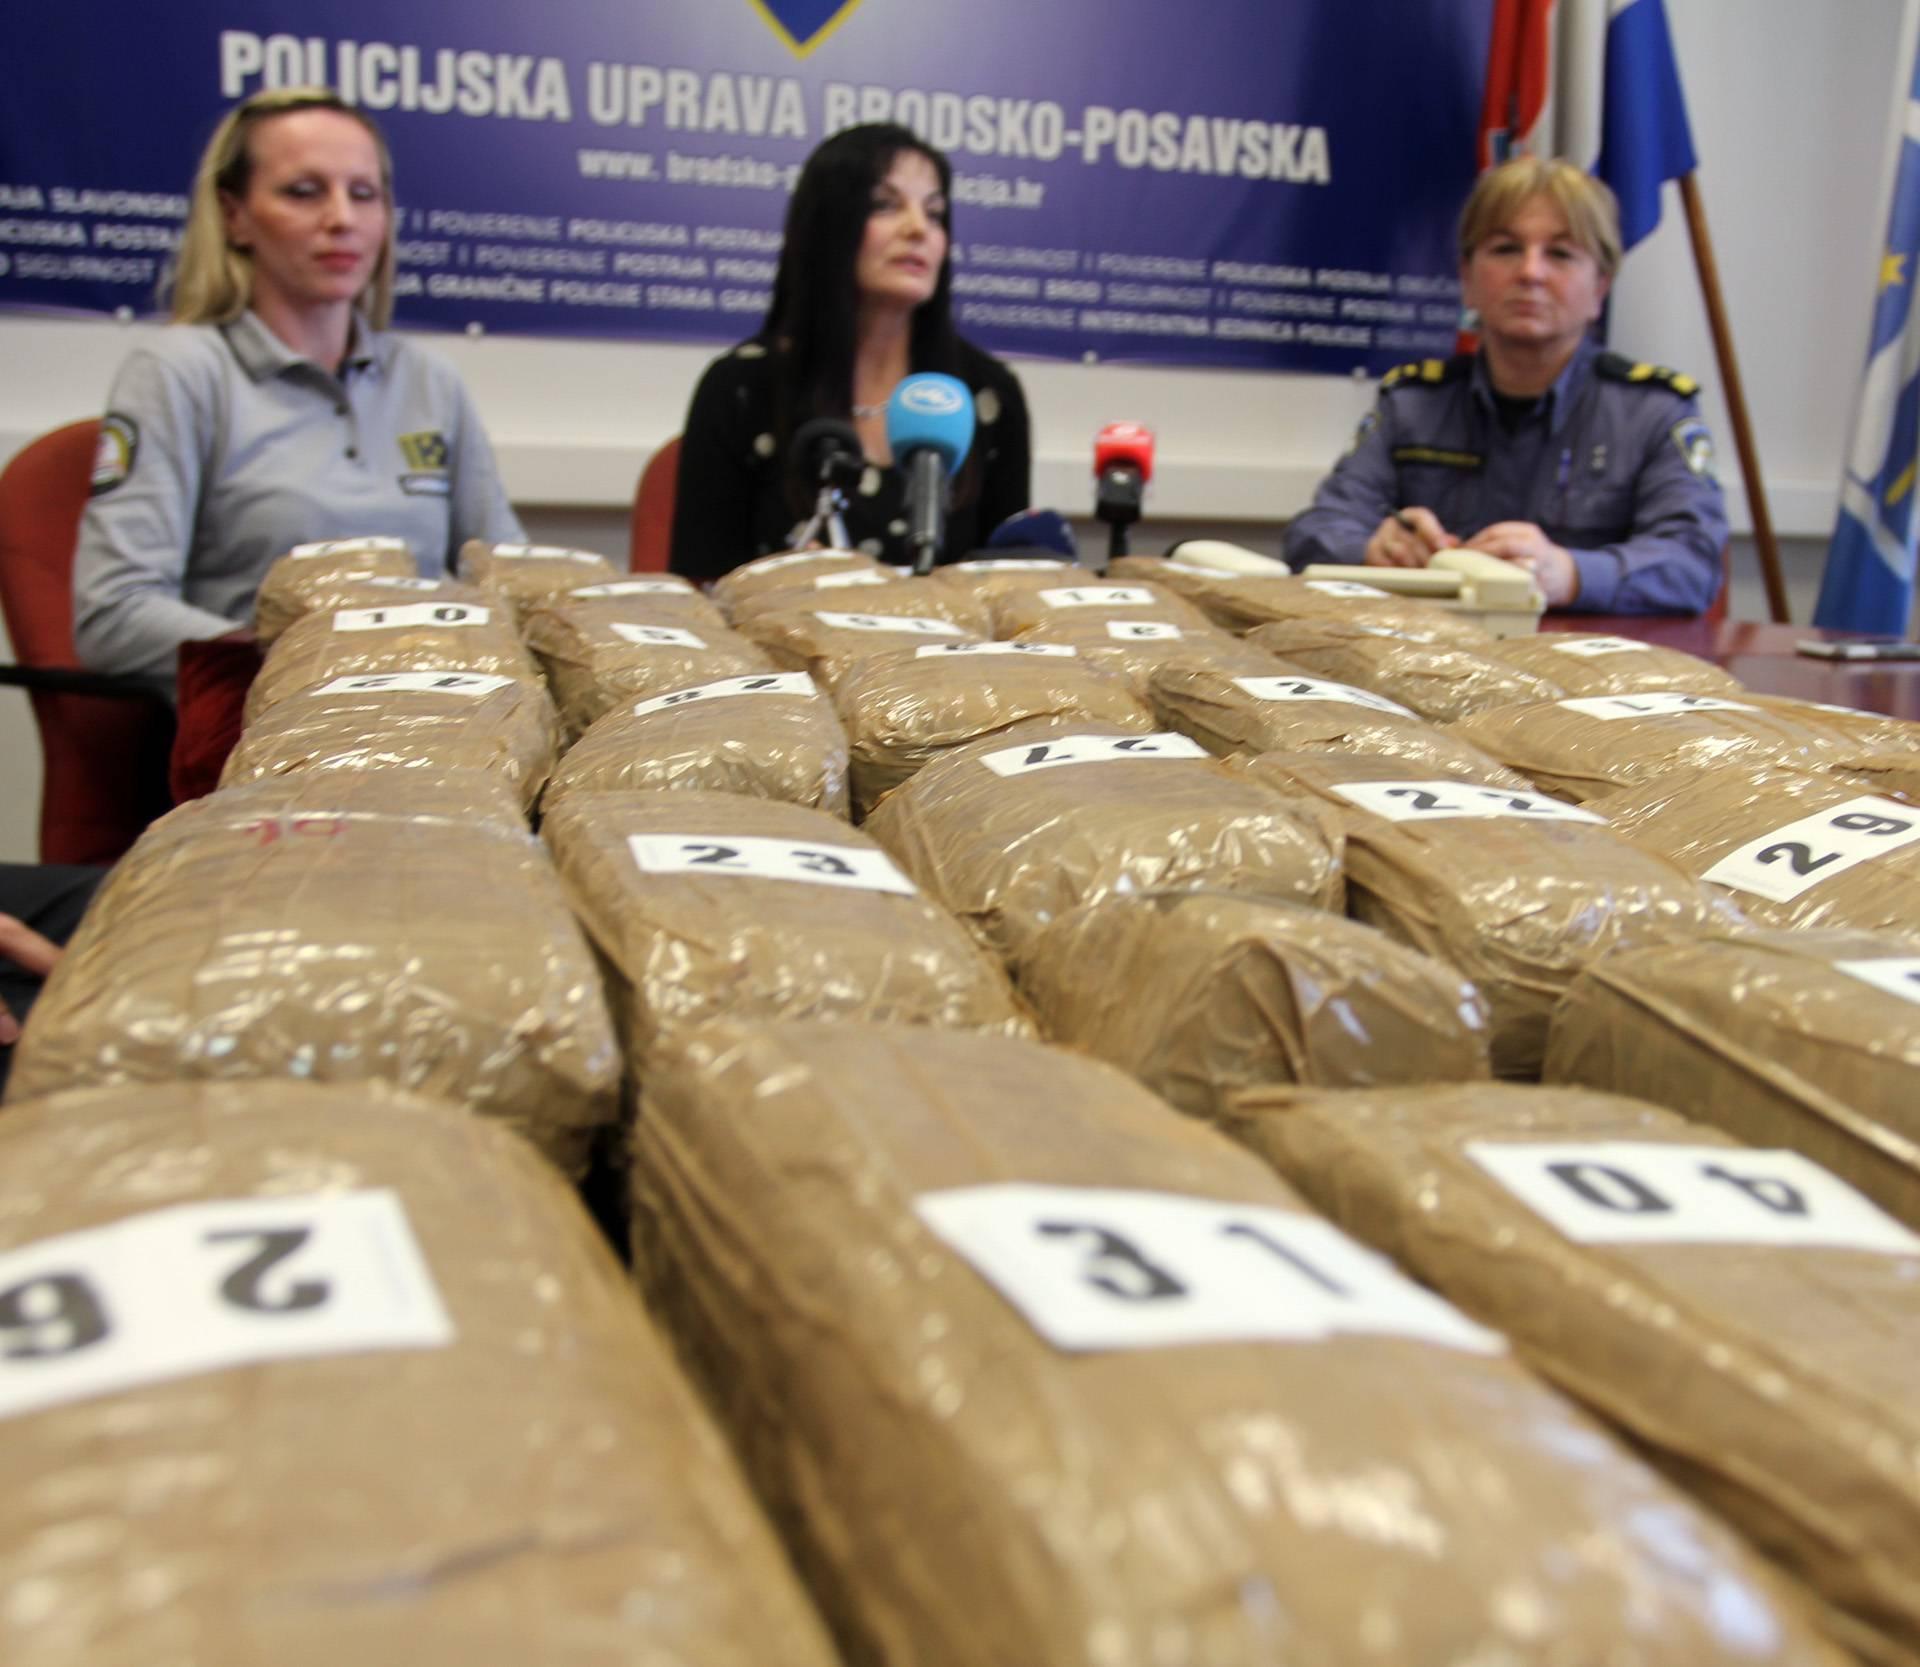 Crnogorac u Hrvatsku pokušao prošvercati 22,6 kg marihuane